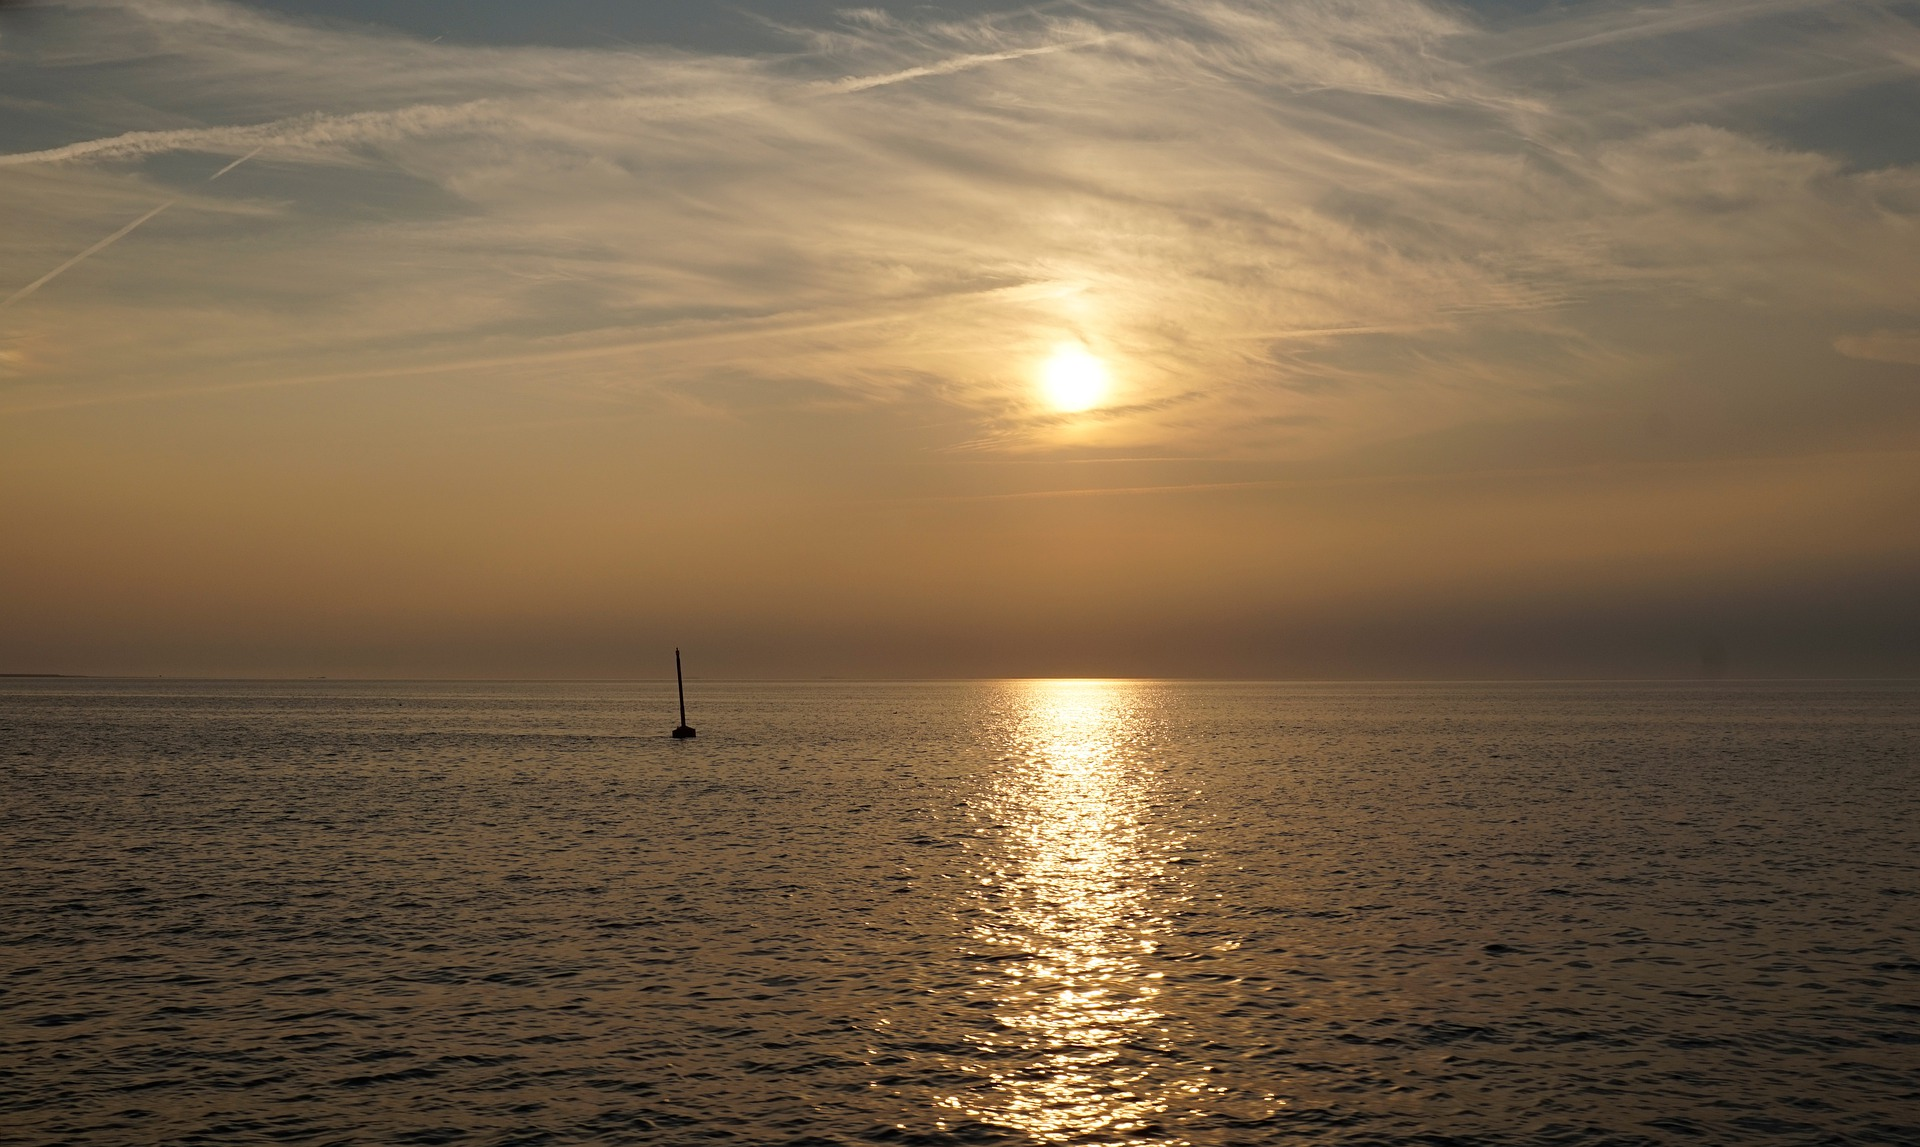 Seebestattung vor Nordstrand: Bestattungsgebiet